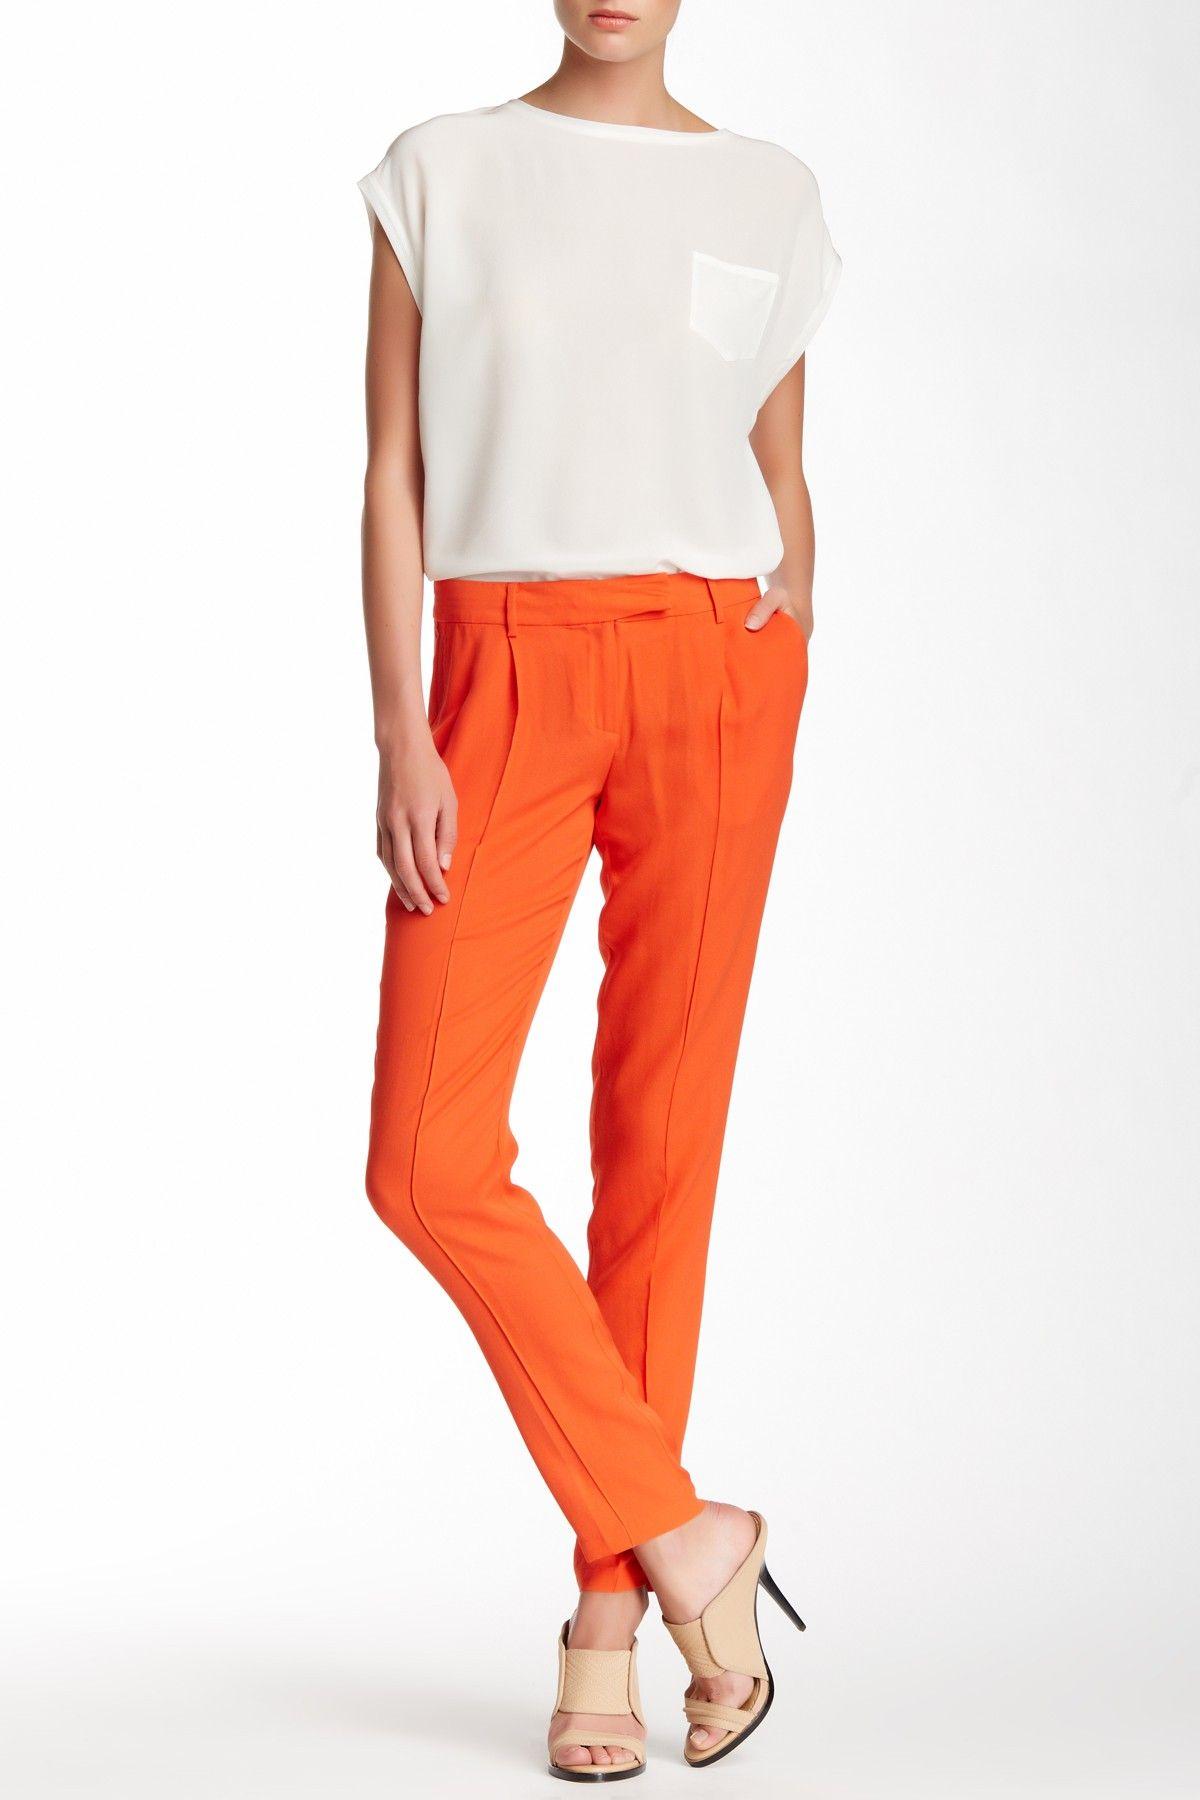 L.A.M.B. Silk Skinny Pant